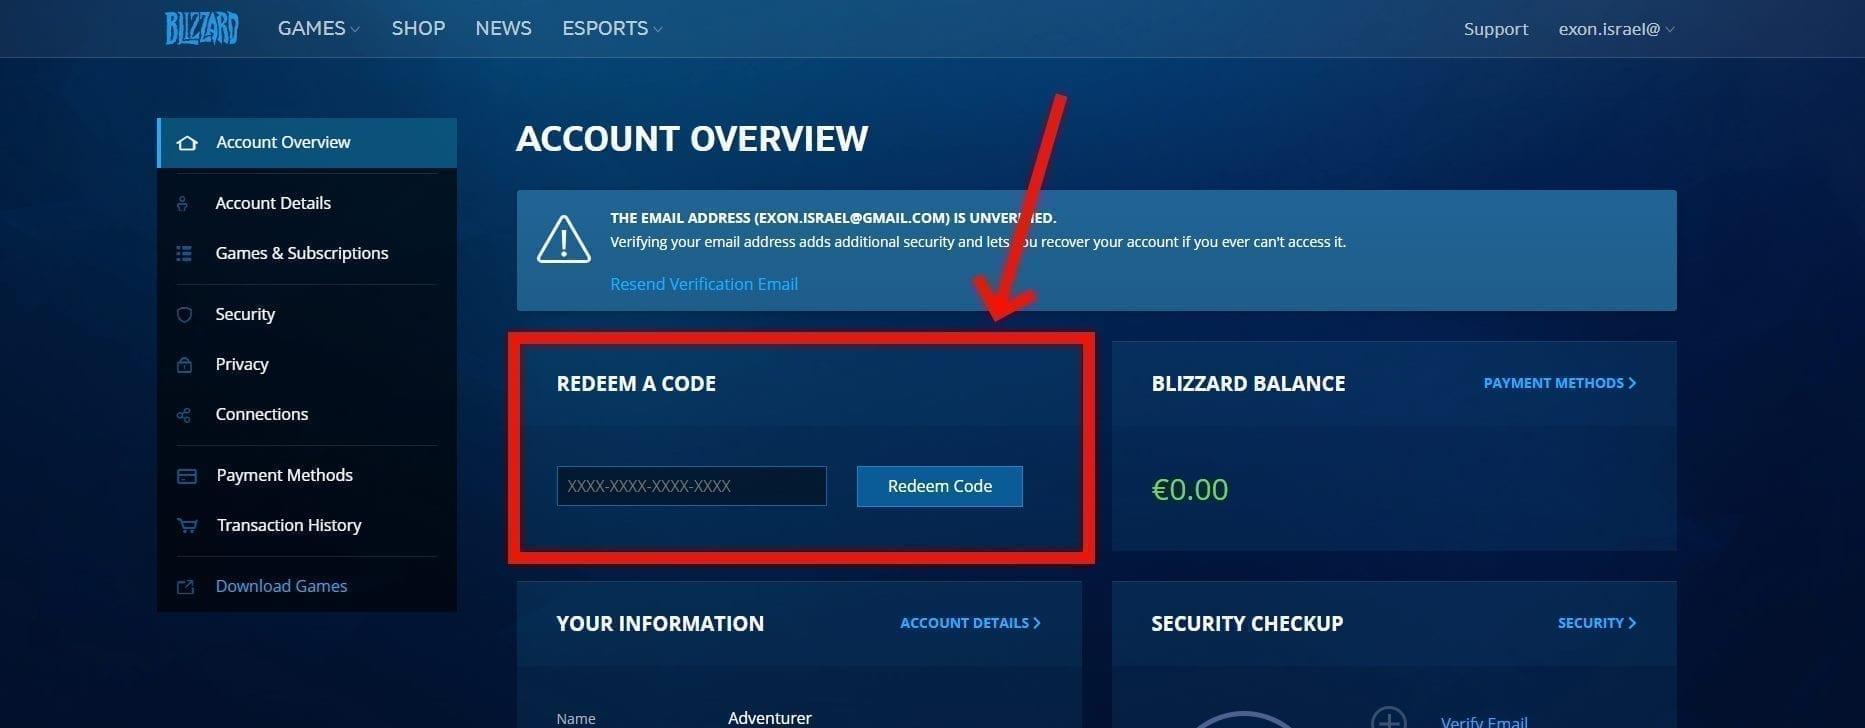 מדריך התקנת והפעלת משחקים ב-BATTLE.NET ובליזארד BLIZZARD